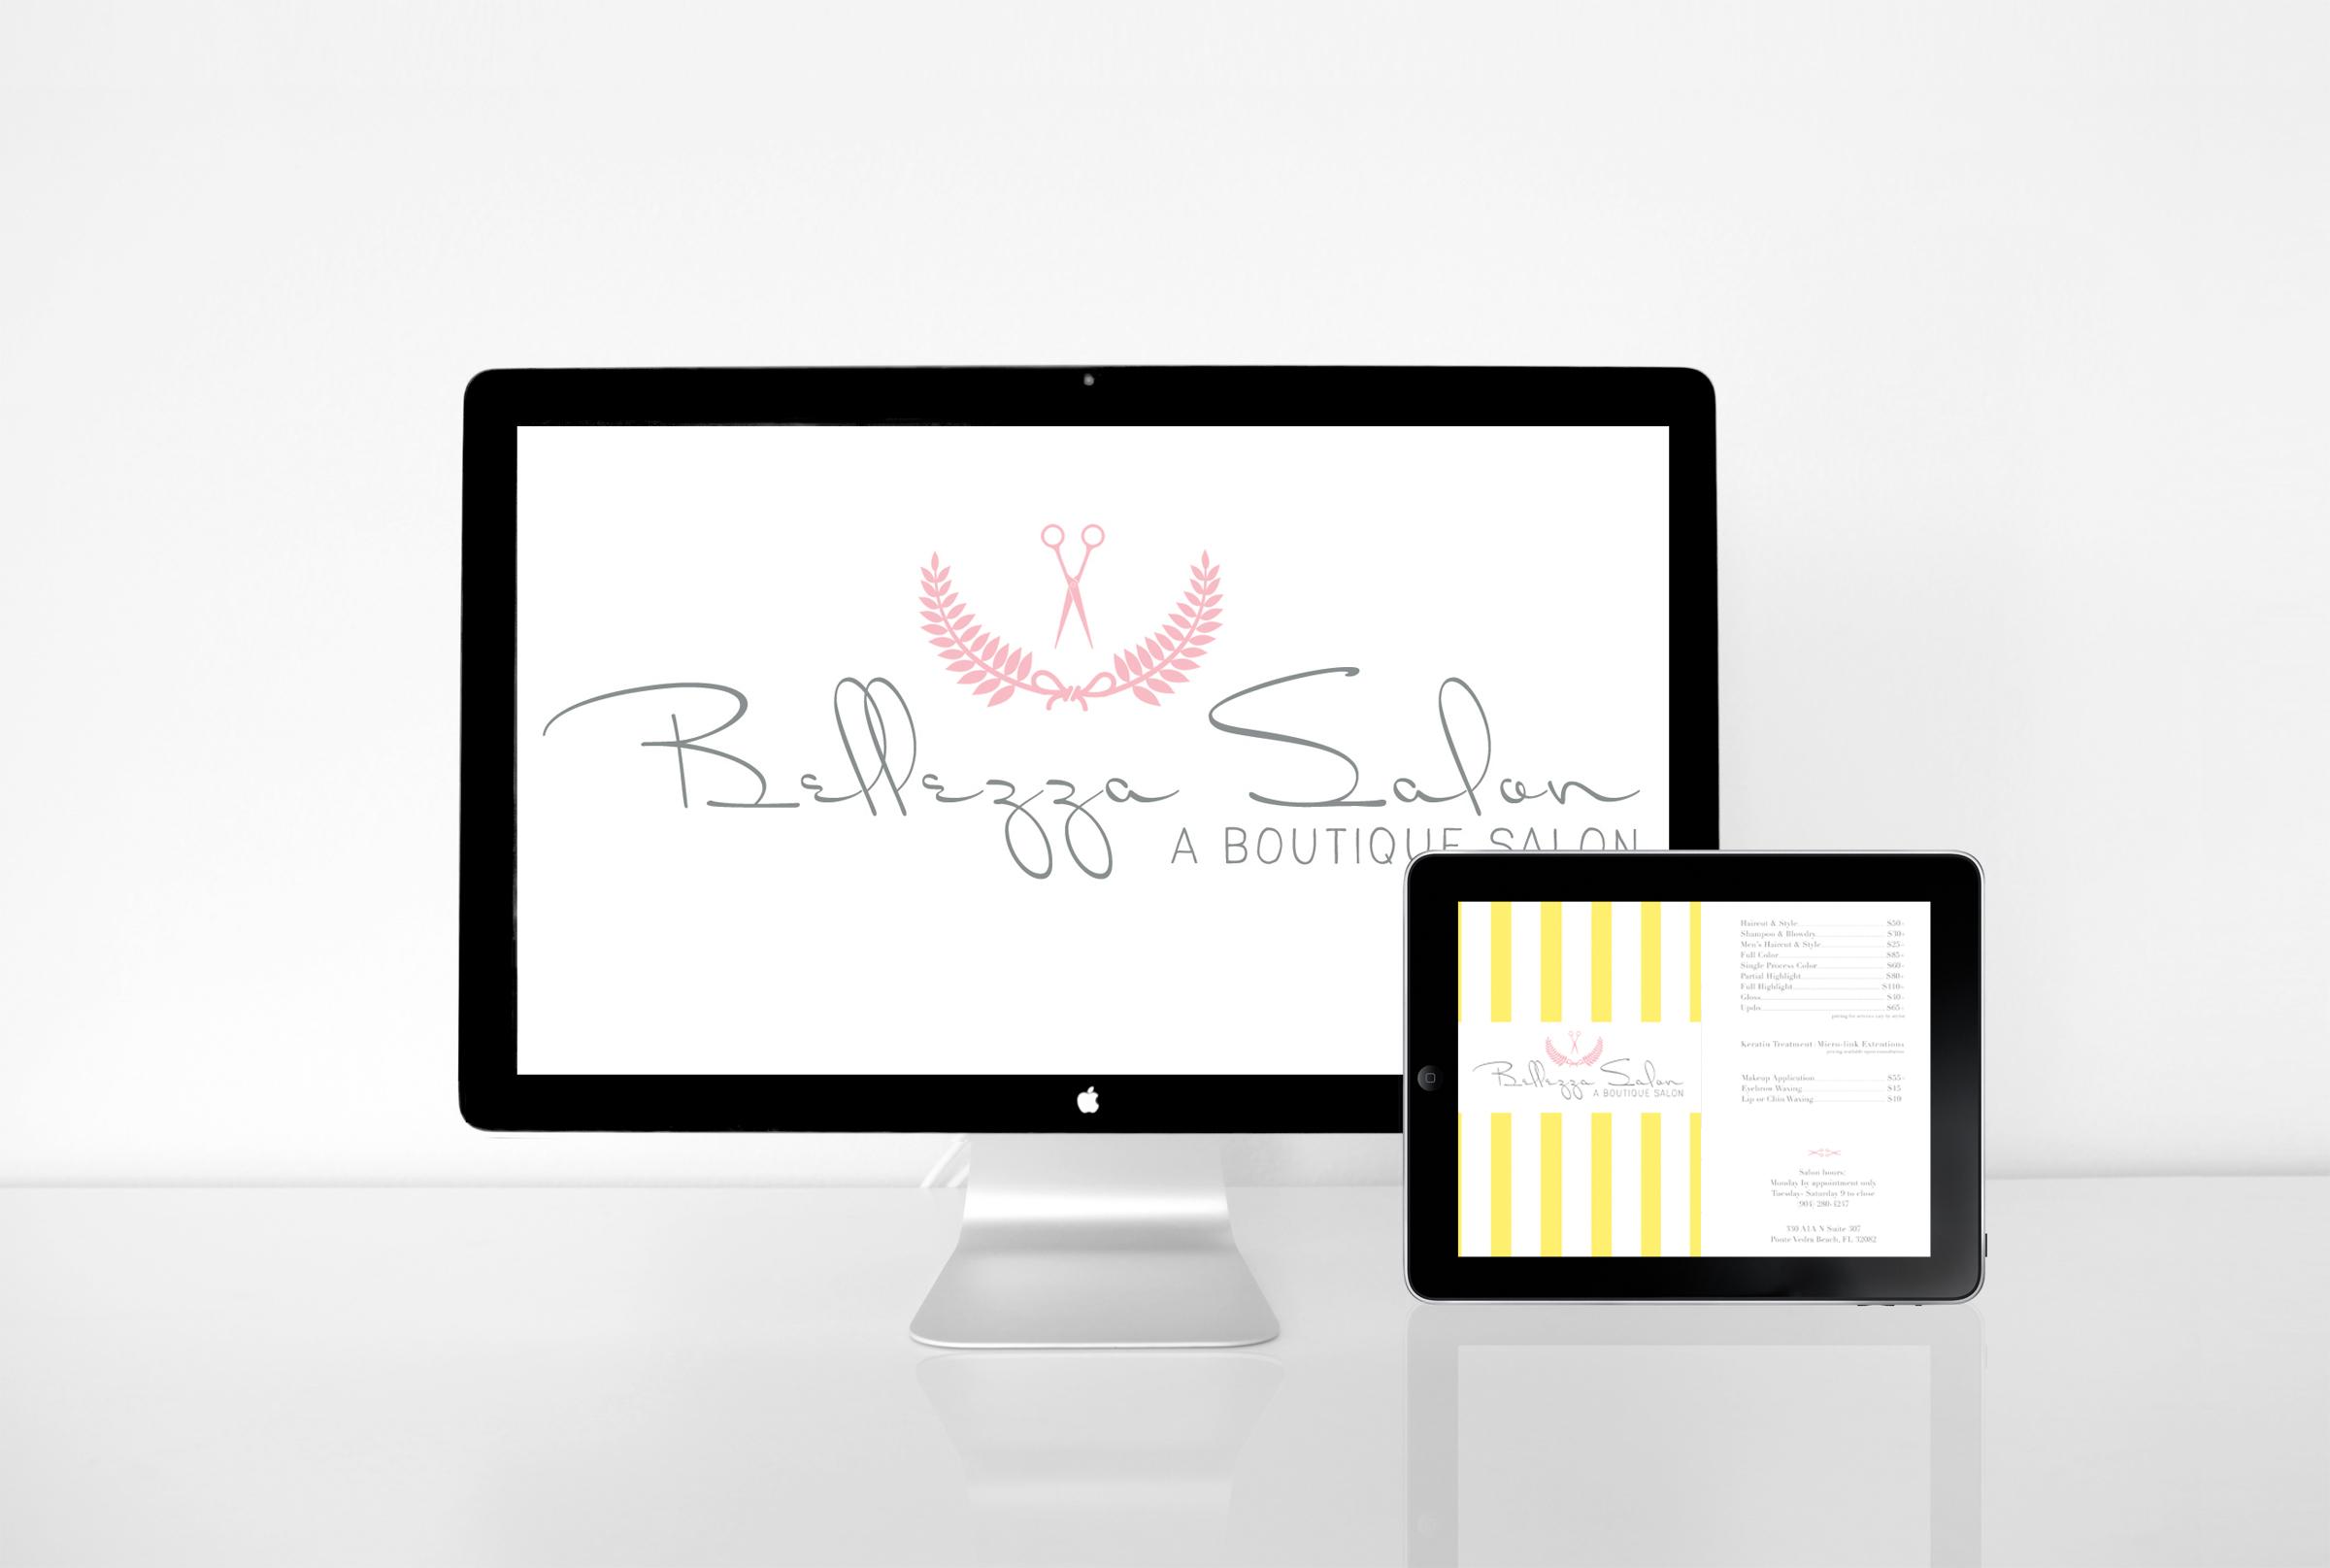 Bellezza Salon